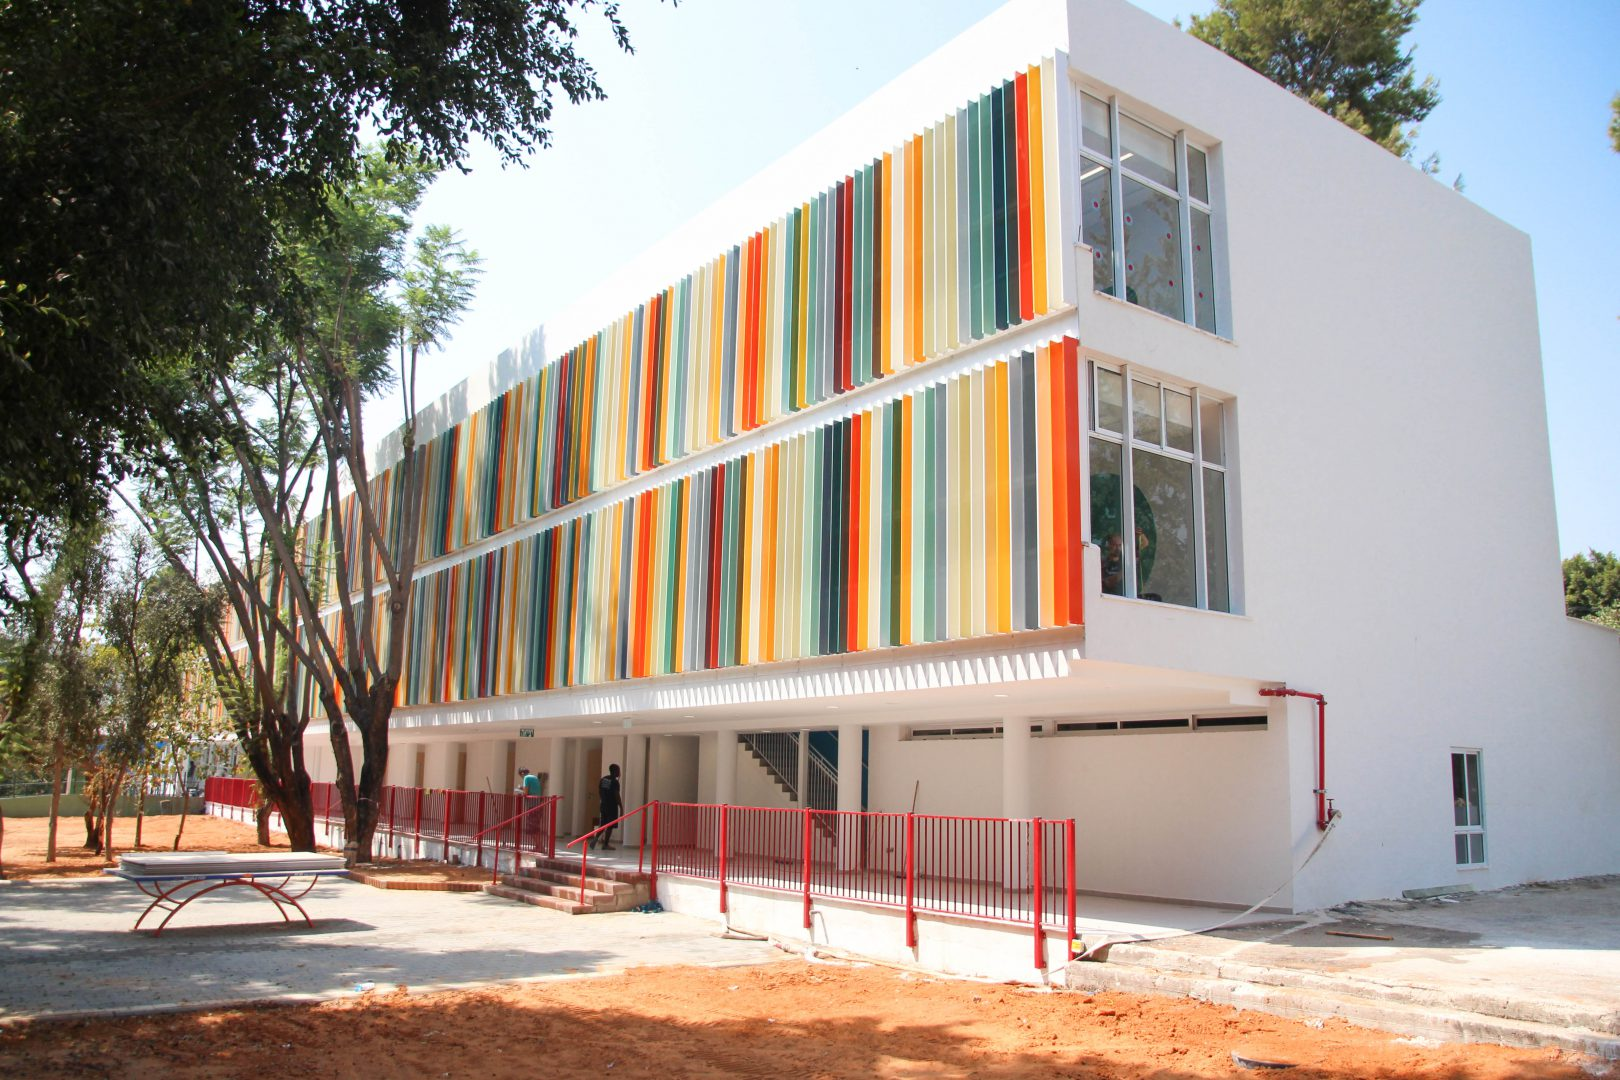 תכנון בית ספר רמז בכפר סבא, בניין עציון